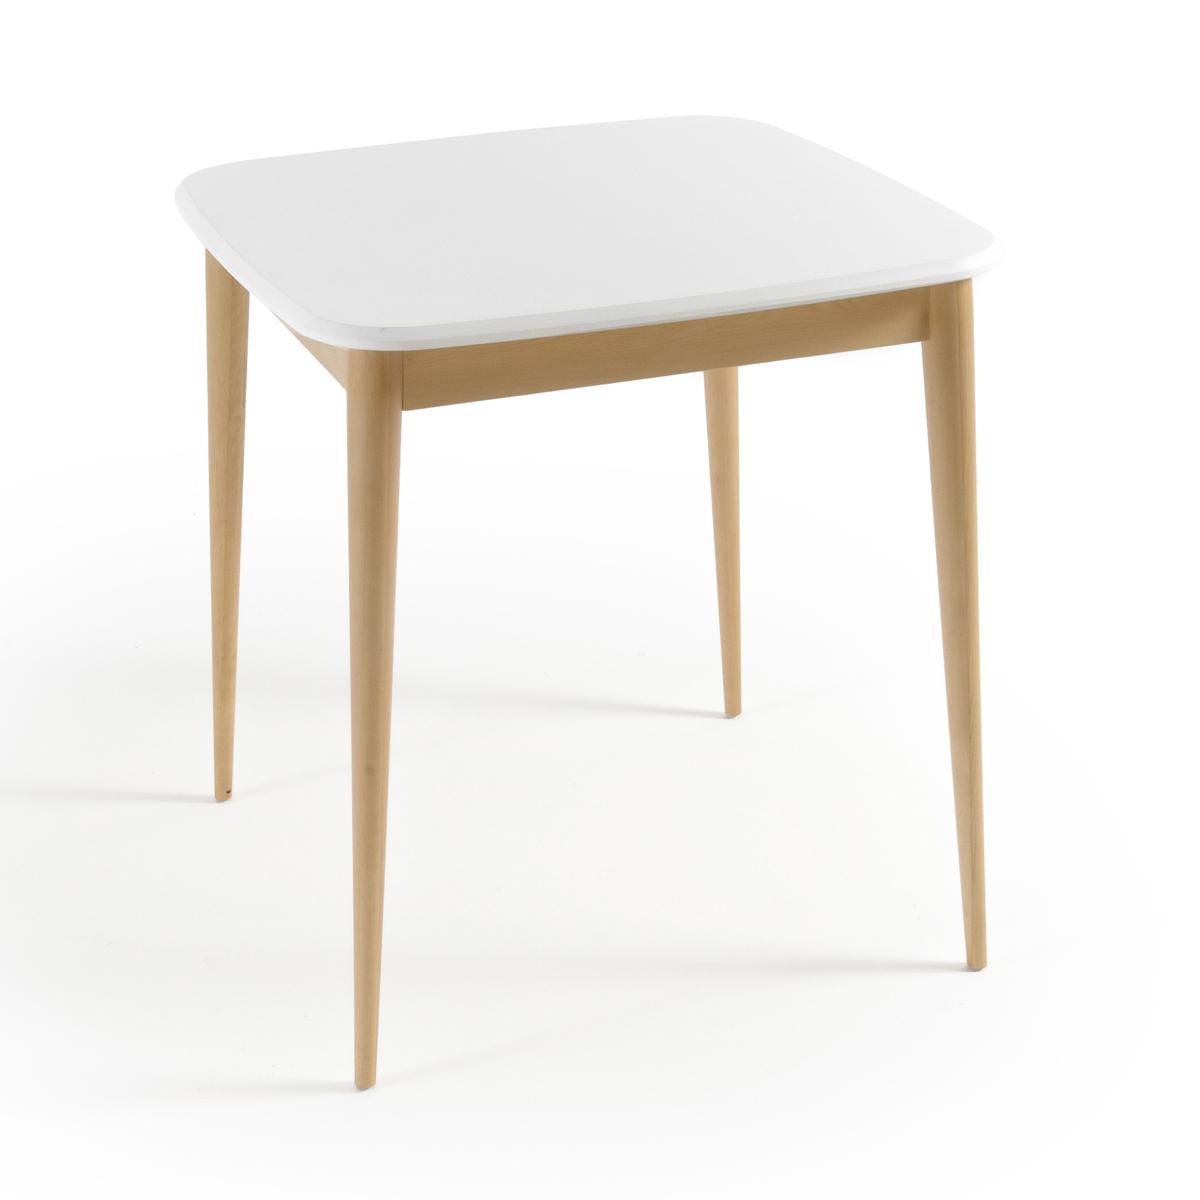 Стол La Redoute Обеденный на персоны JIMI 2 персоны белый стол la redoute обеденный с удлинением персон jimi 10 персоны белый